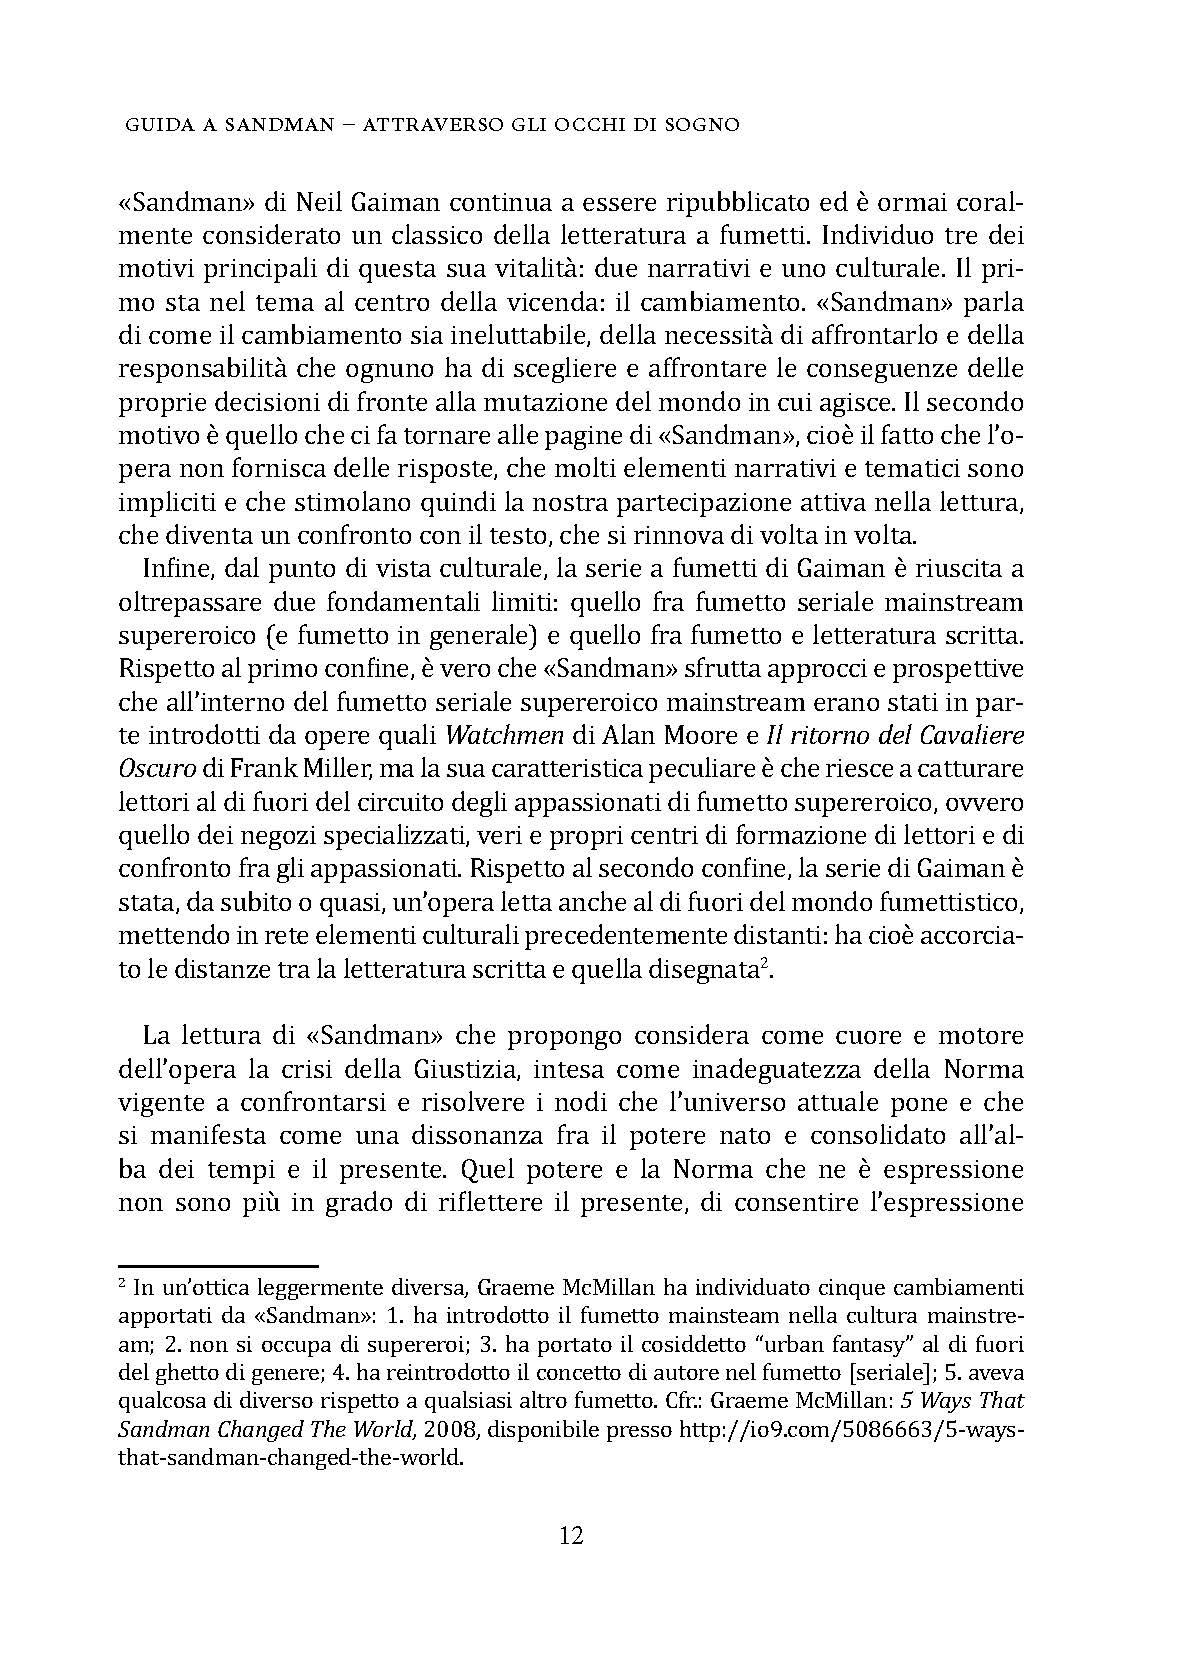 Pagine da PDF Guida non ufficiale a Sandman filigranato_Pagina_08